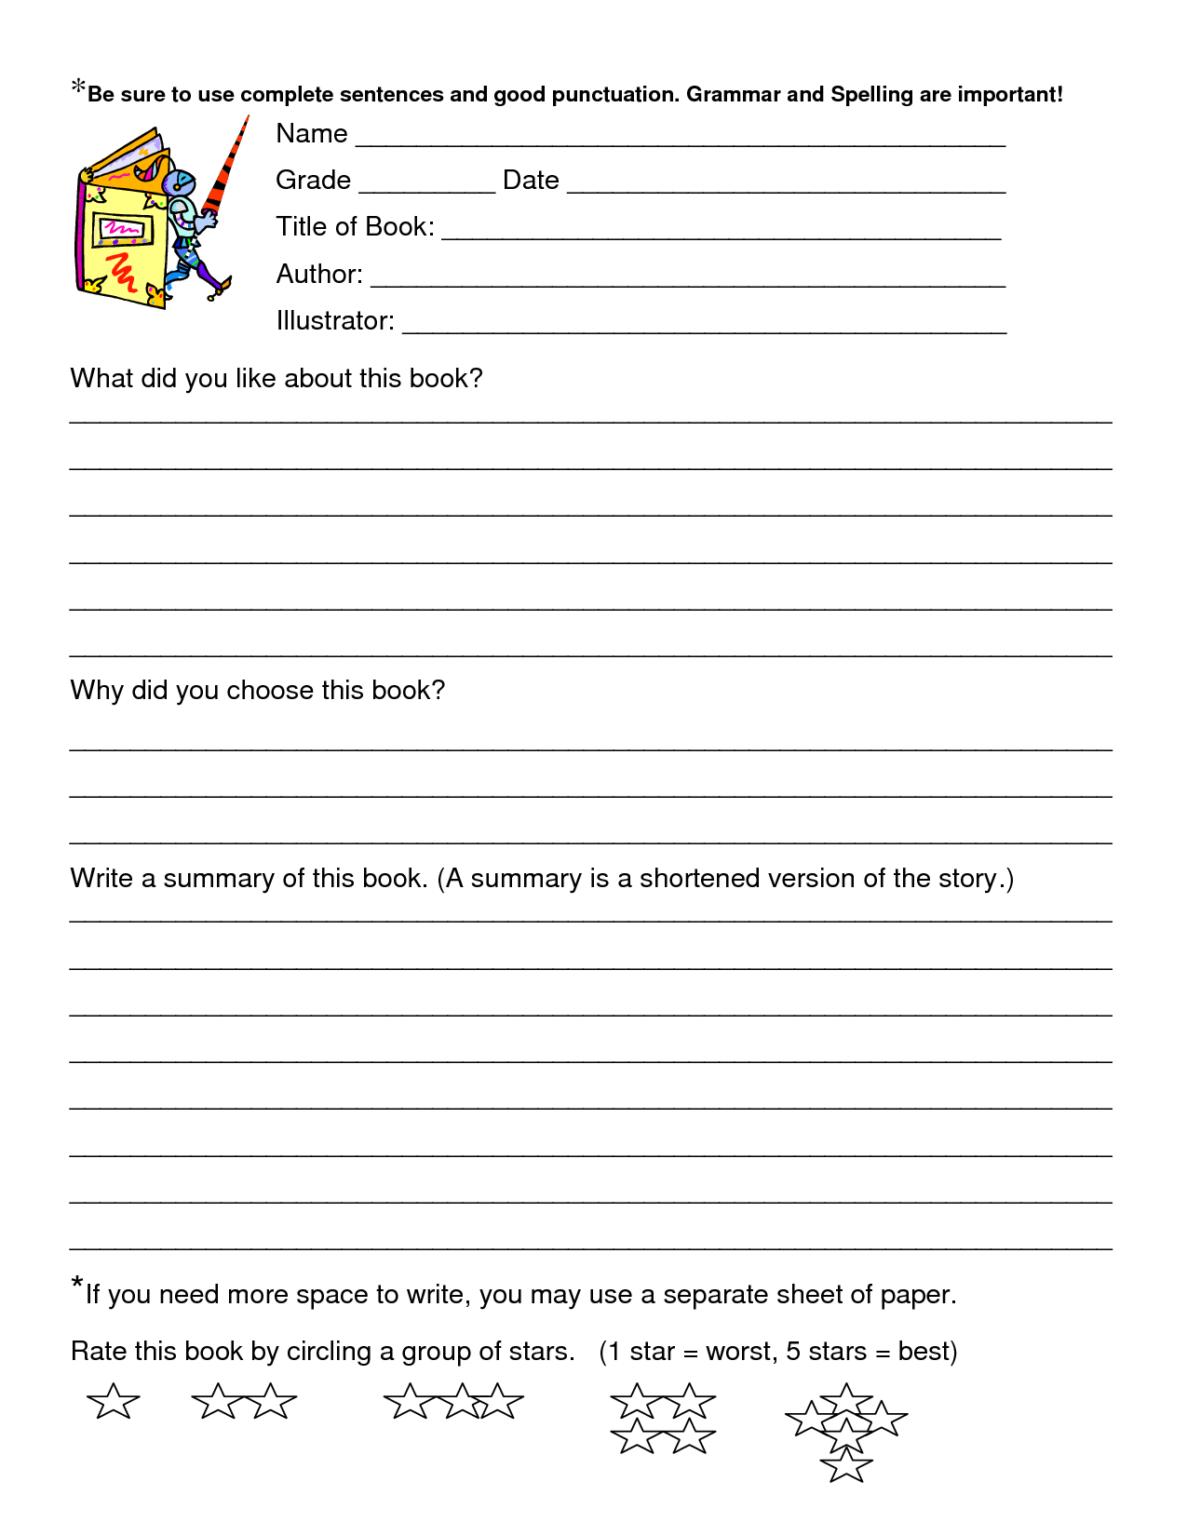 Book Review Worksheet Grade 5